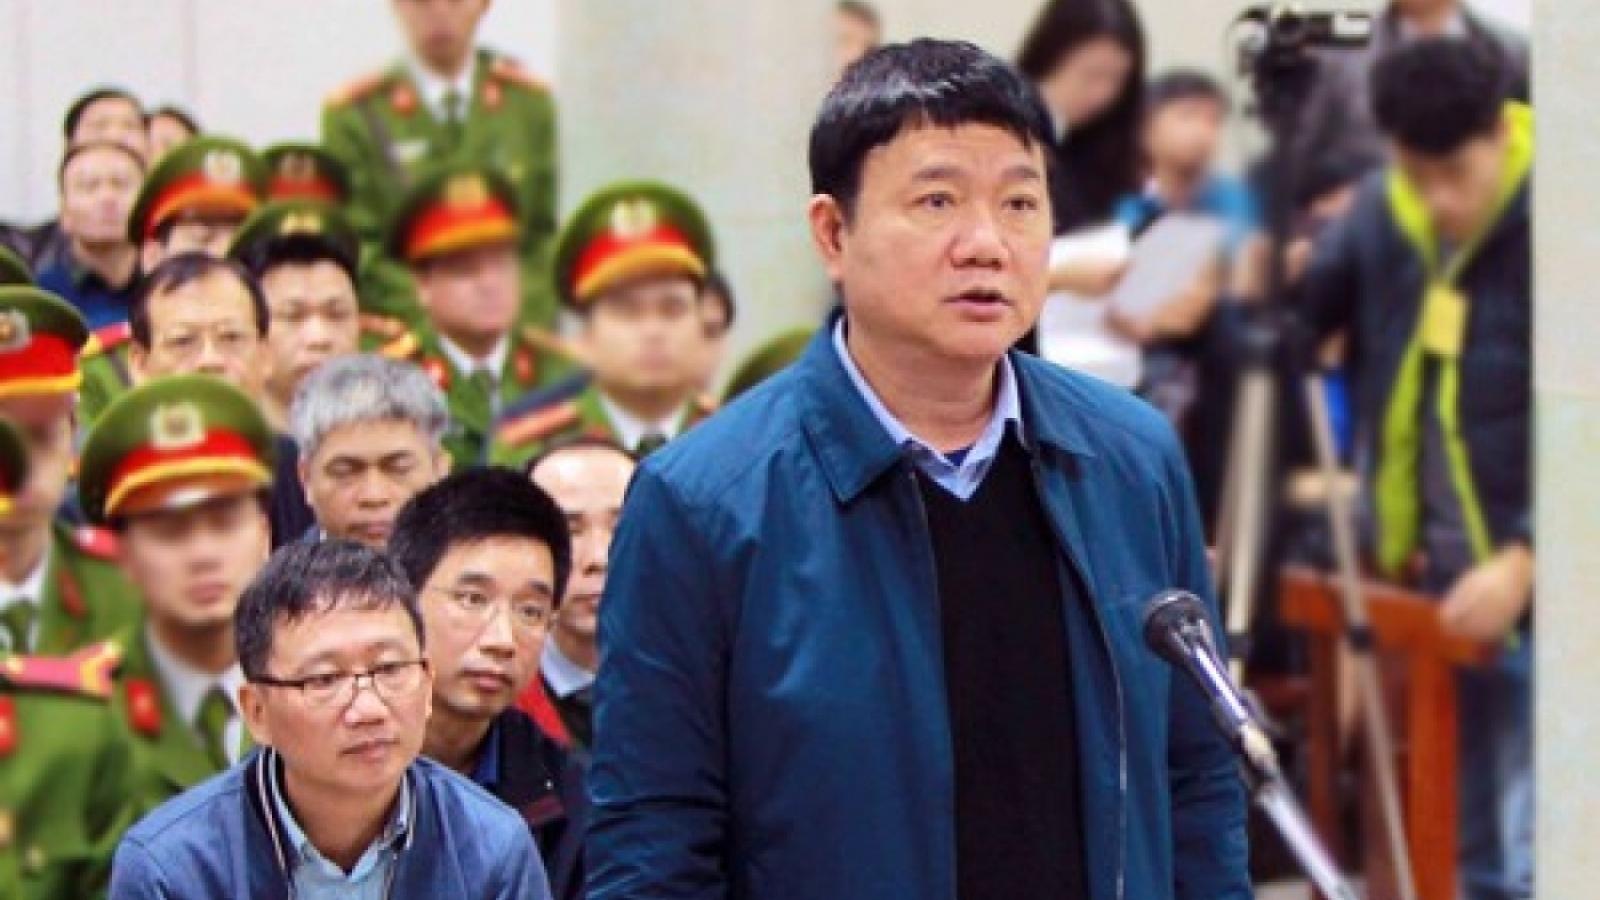 Nóng 24h: Hôm nay xét xử ông Đinh La Thăng tại TPHCM